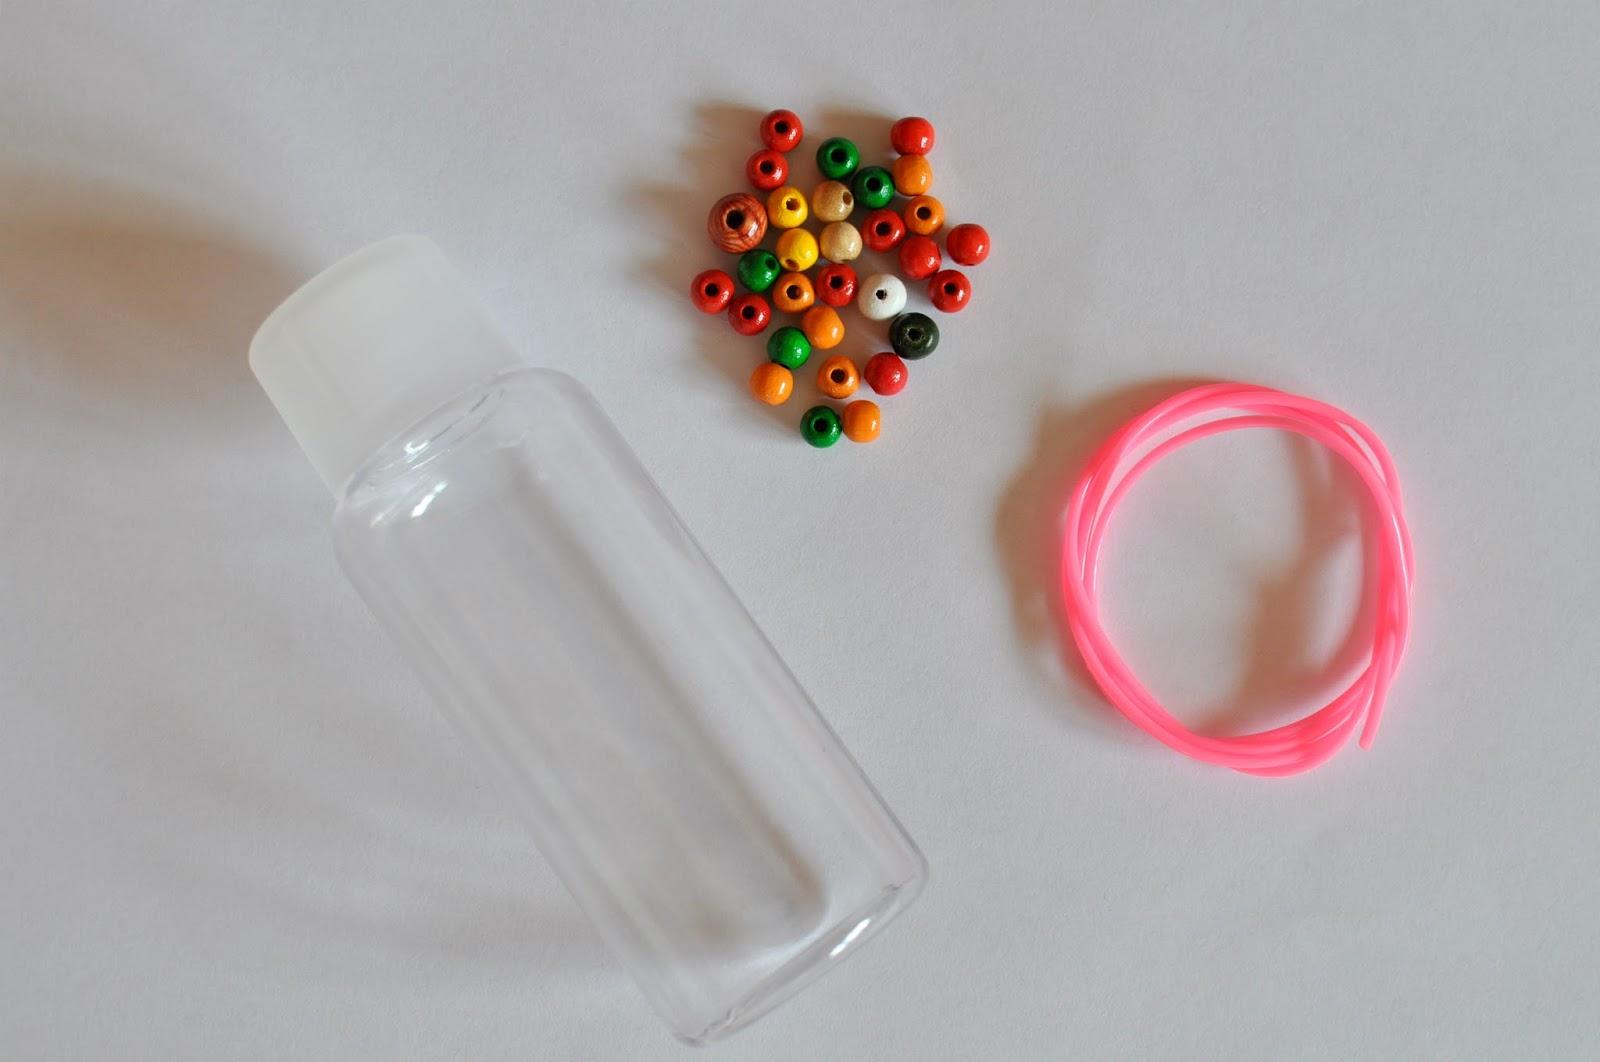 ideen-mittwoch: babyspielzeug selber basteln - verflixter alltag